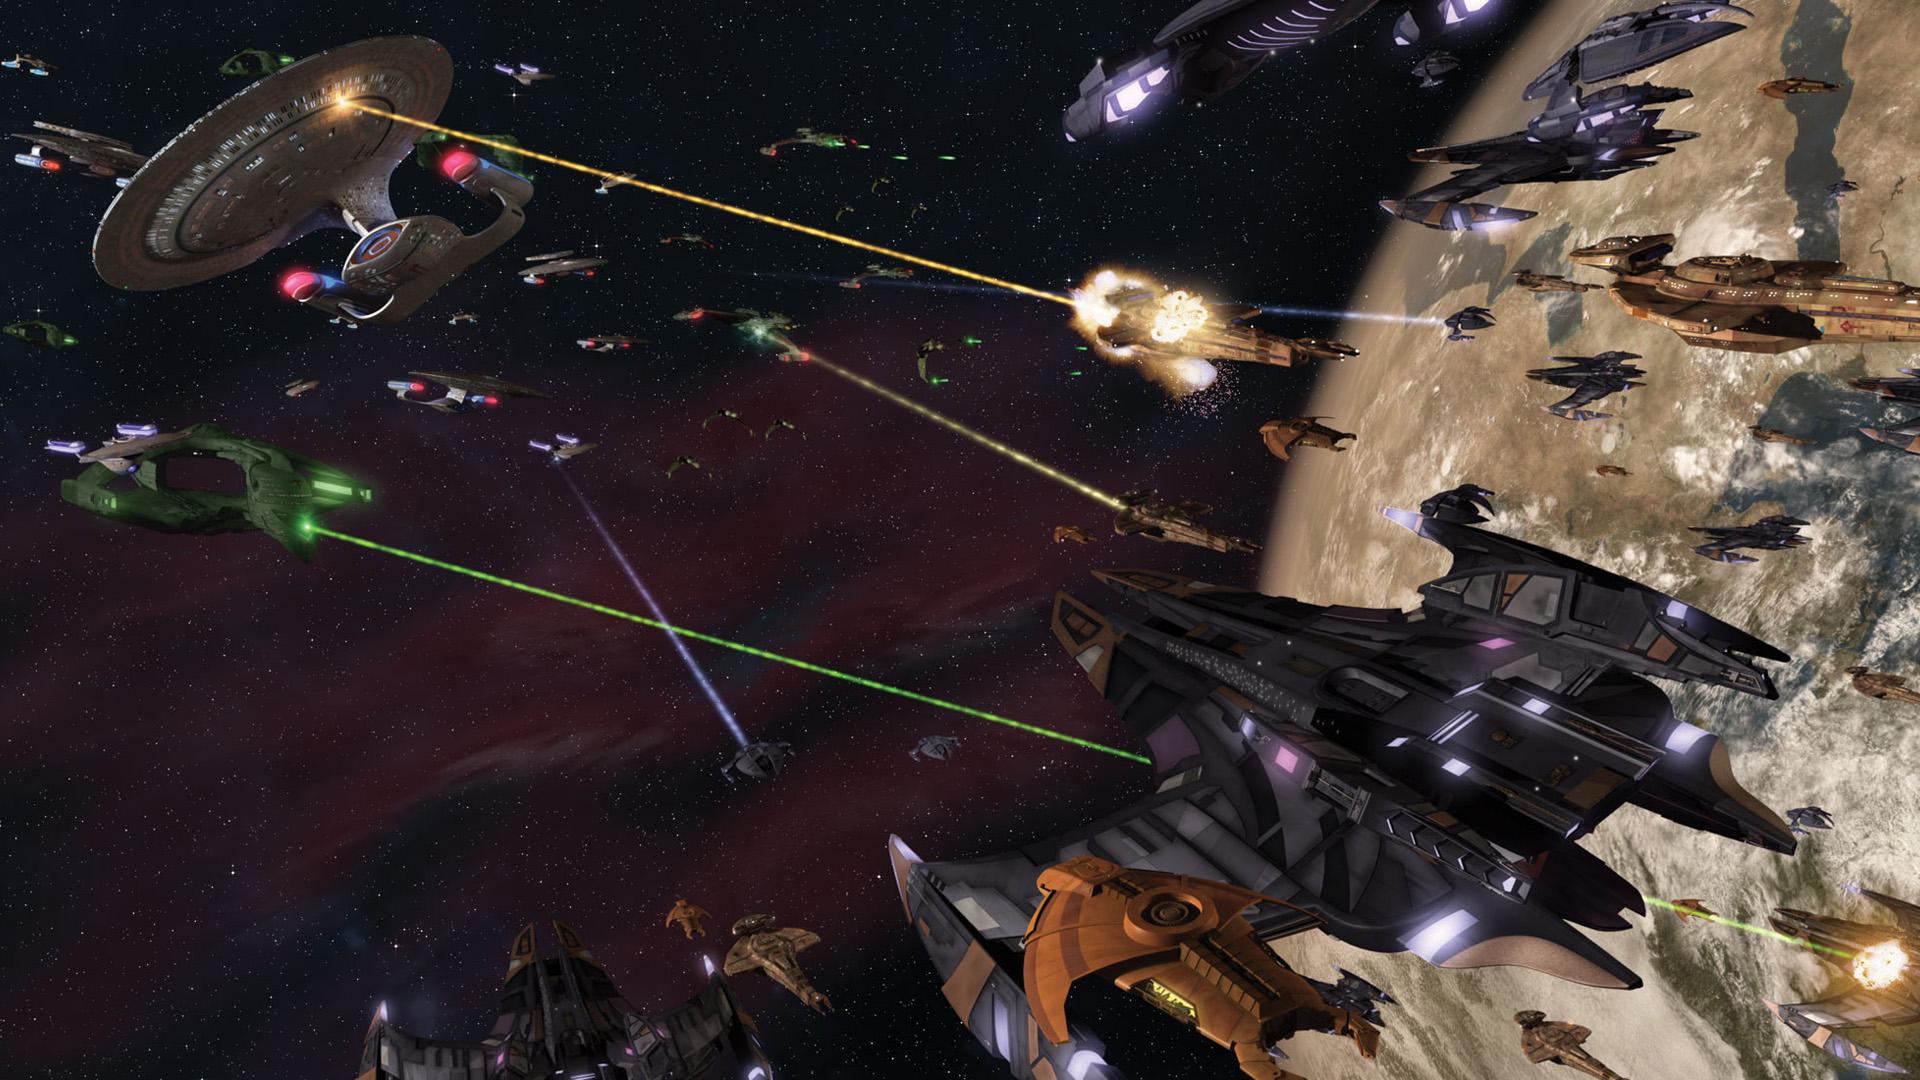 Star Trek 1920 215 1080 Widescreen Wallpapers Tos Tng Ds9